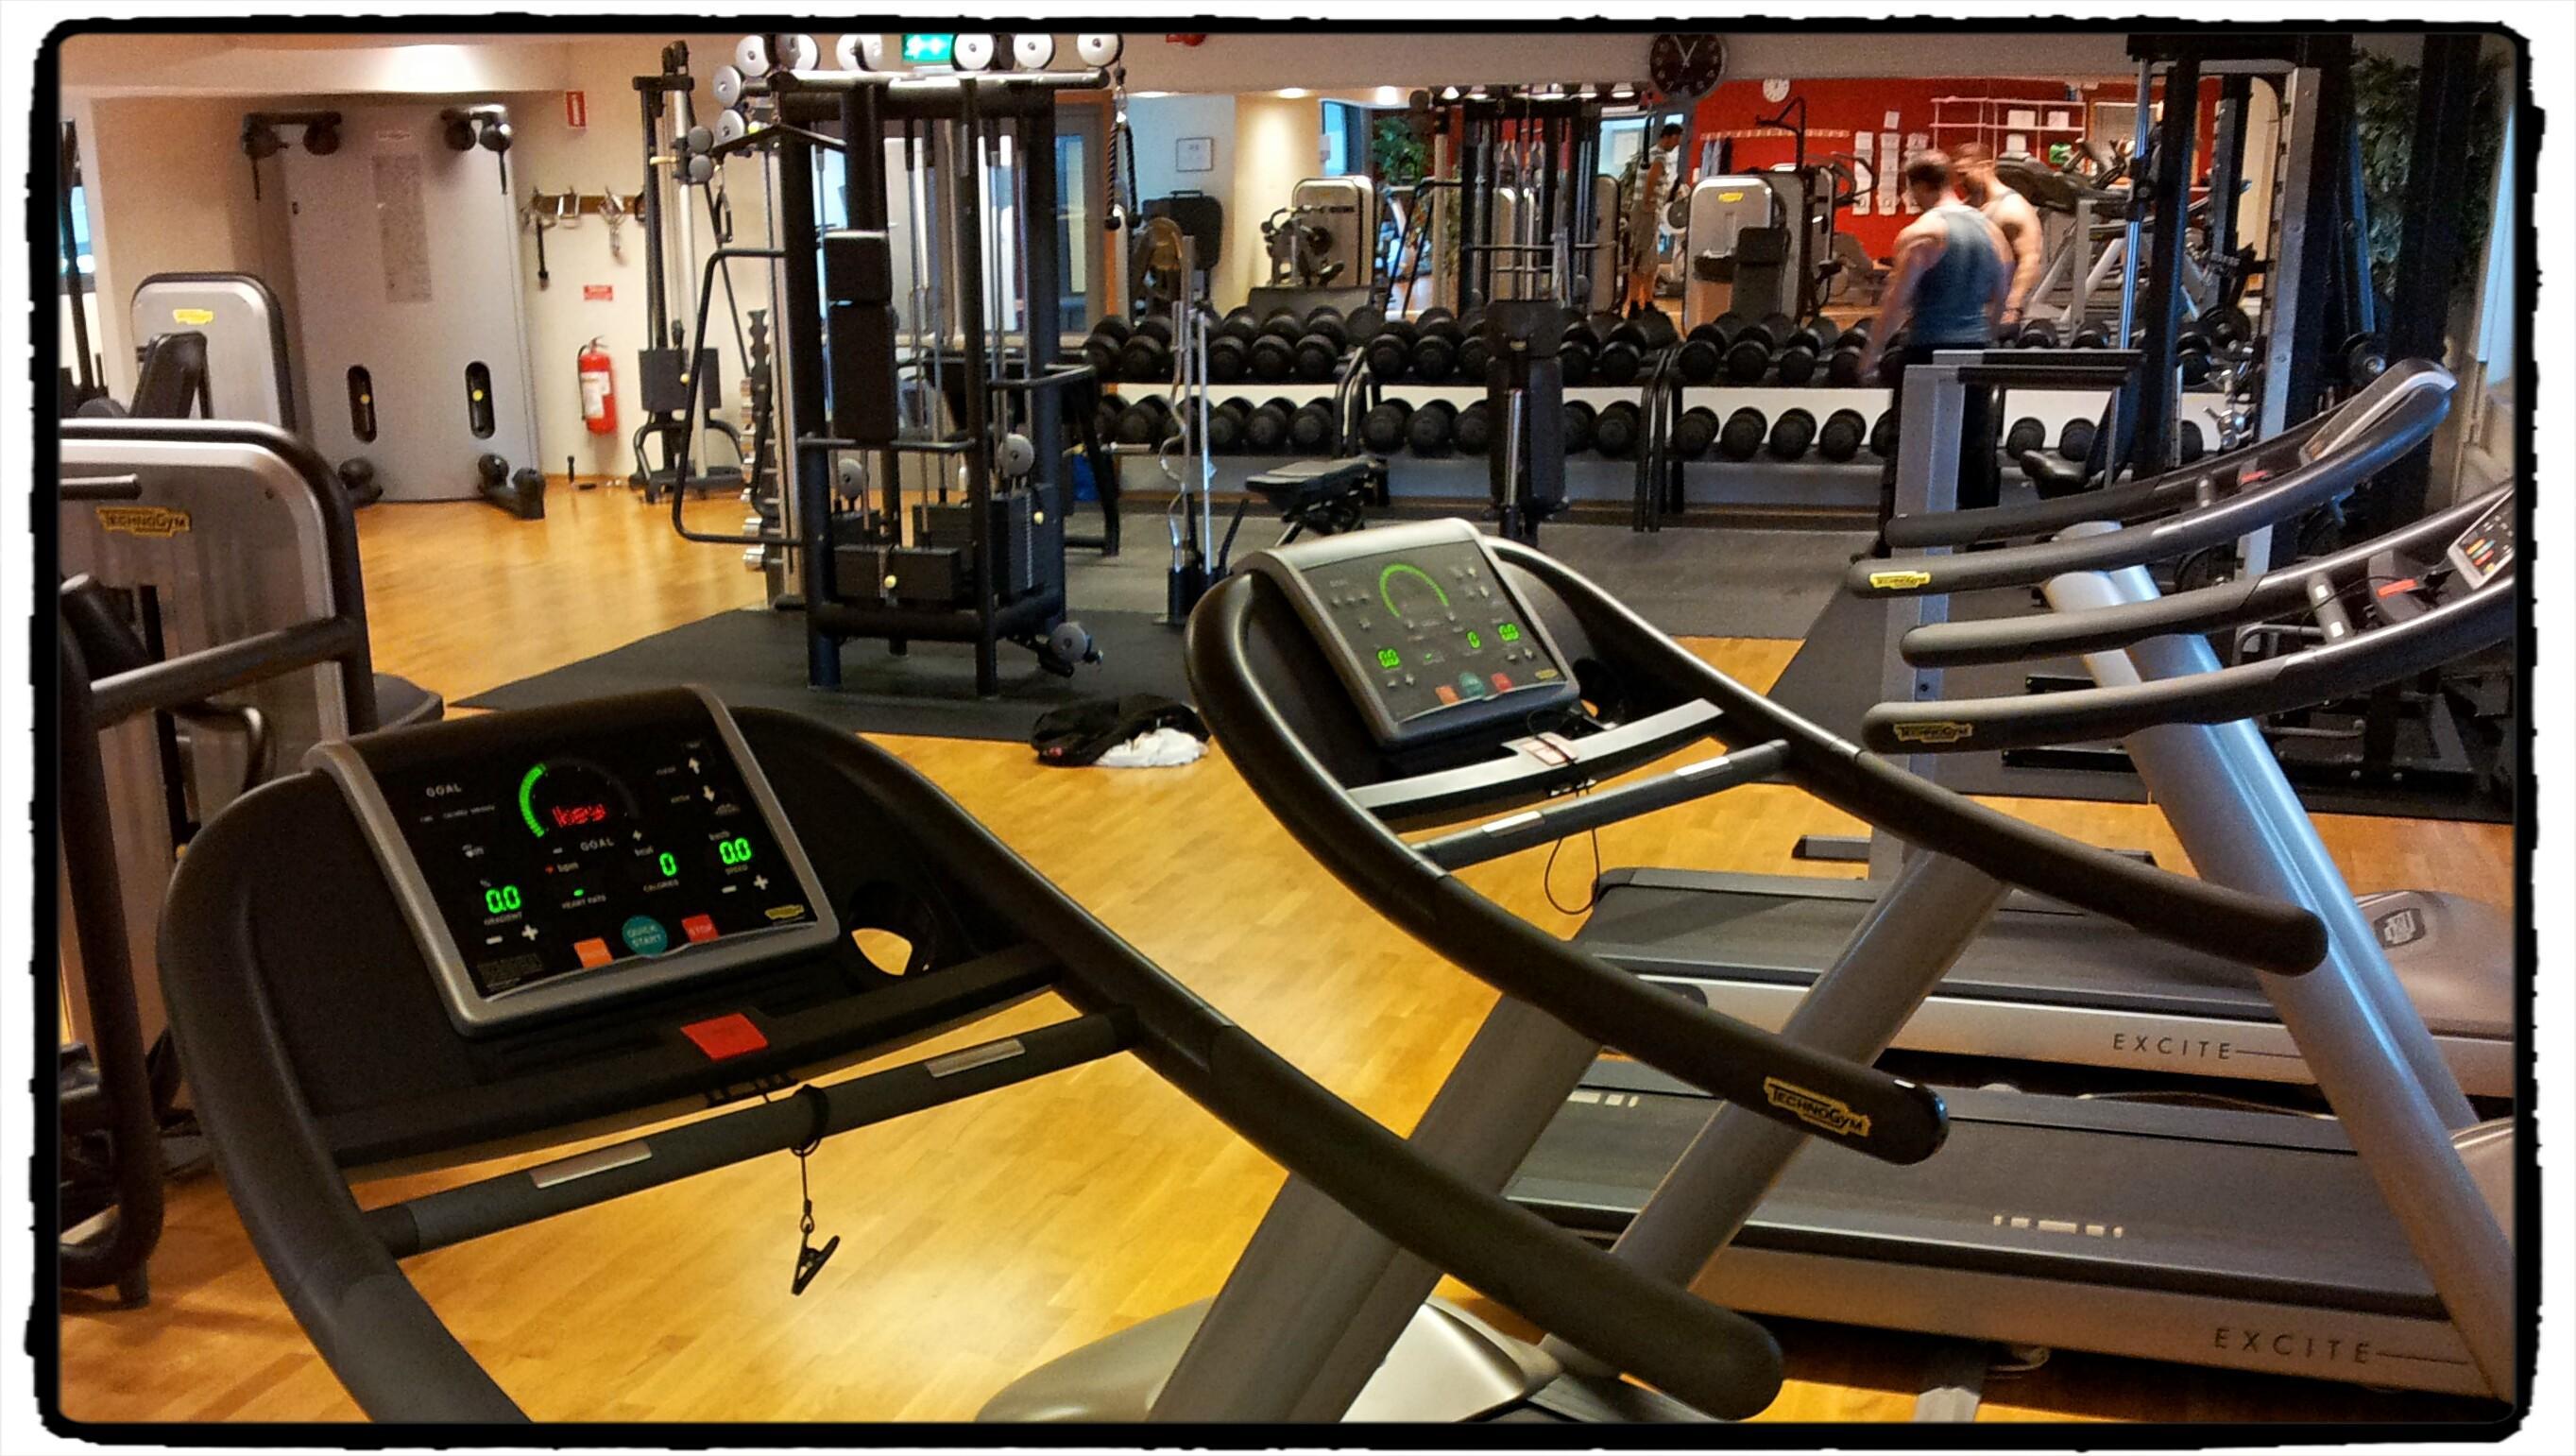 fitness 24 kristinehamn